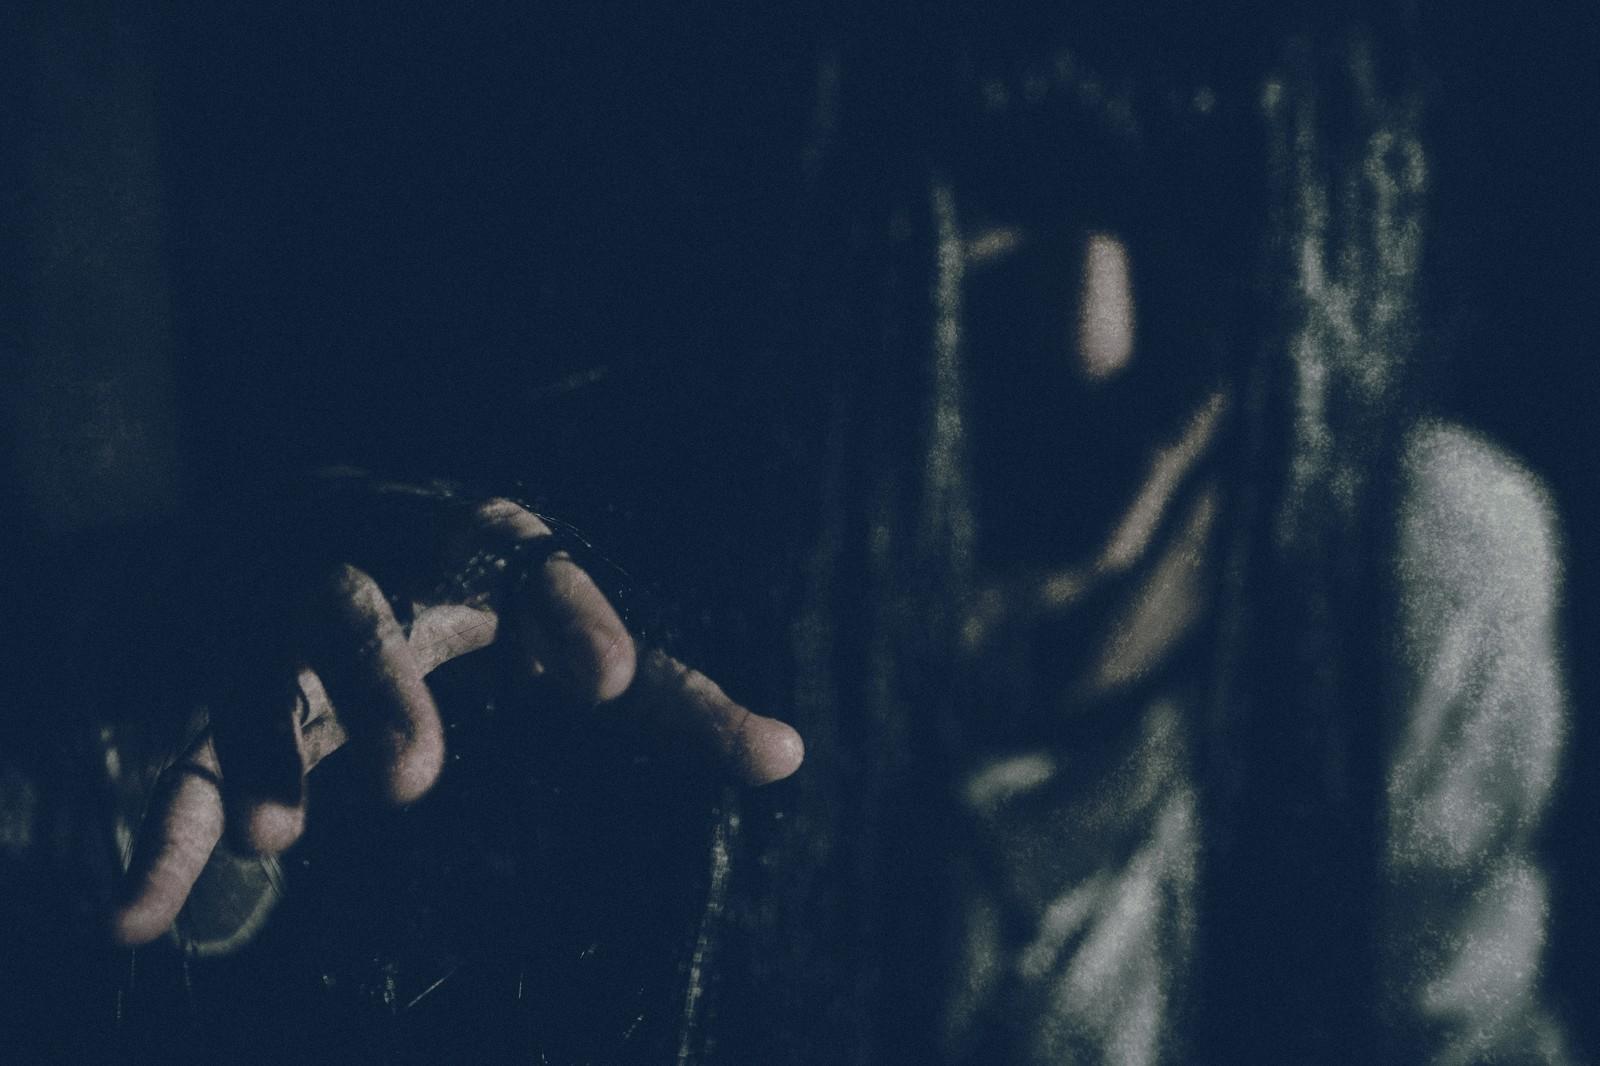 子供を抱いた女性の幽霊の実話